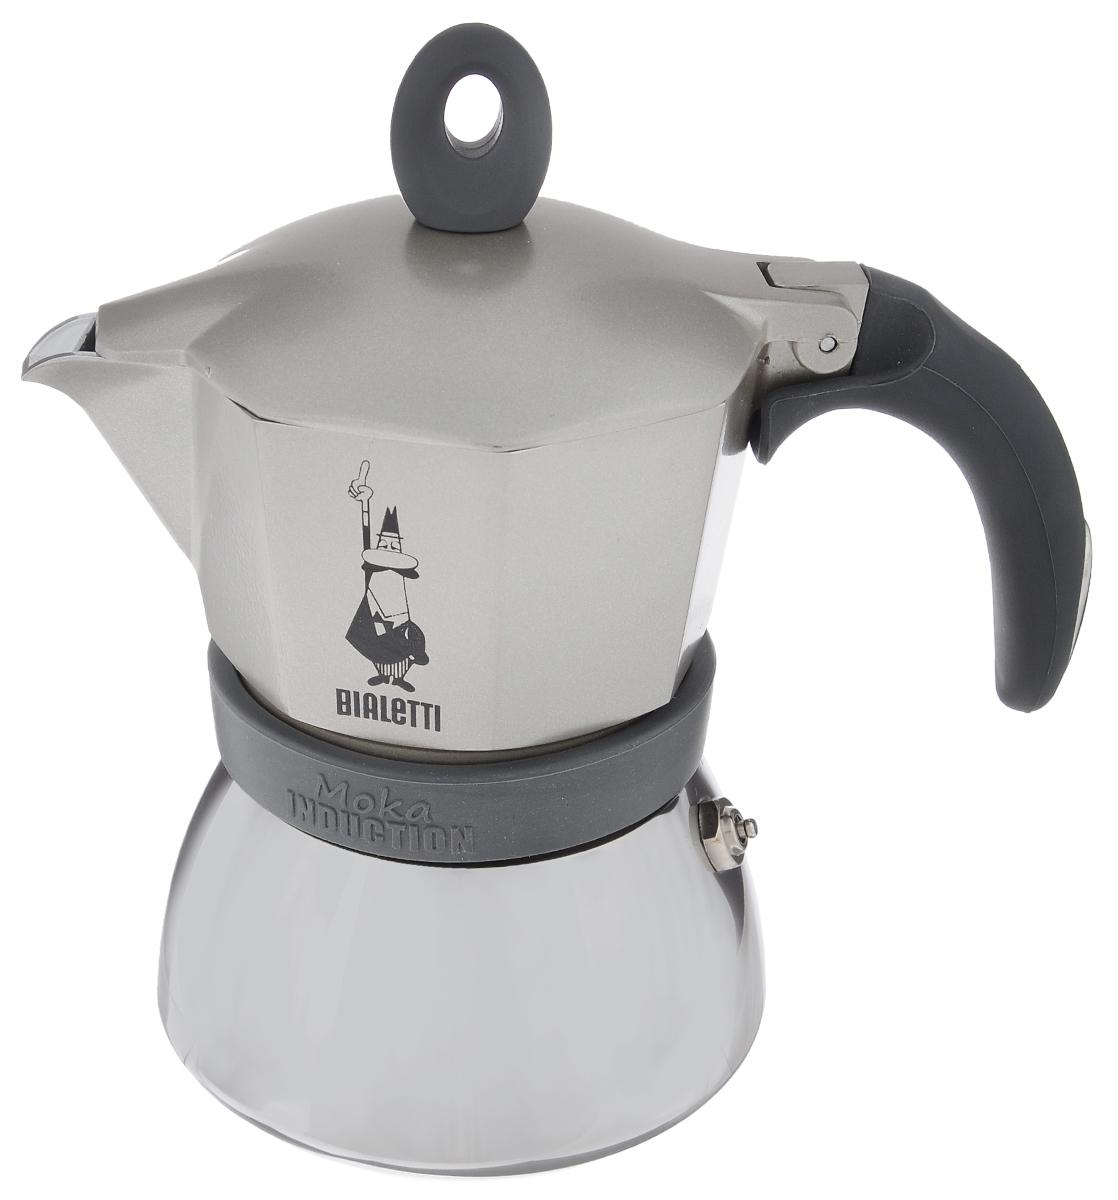 Кофеварка гейзерная Bialetti Moka Induction, цвет: серый, на 3 чашкиVT-1520(SR)Компактная гейзерная кофеварка Bialetti Moka Induction изготовлена из высококачественного алюминия и стали. Объема кофе хватает на 3 чашки. Изделие оснащено удобной обрезиненной ручкой.Принцип работы такой гейзерной кофеварки - кофе заваривается путем многократного прохождения горячей воды или пара через слой молотого кофе. Удобство кофеварки в том, что вся кофейная гуща остается во внутренней емкости. Гейзерные кофеварки пользуются большой популярностью благодаря изысканному аромату. Кофе получается крепкий и насыщенный. Теперь и дома вы сможете насладиться великолепным эспрессо. Подходит для газовых, электрических, стеклокерамическихиндукционных плит. Нельзя мыть в посудомоечной машине. Высота (с учетом крышки): 17 см.